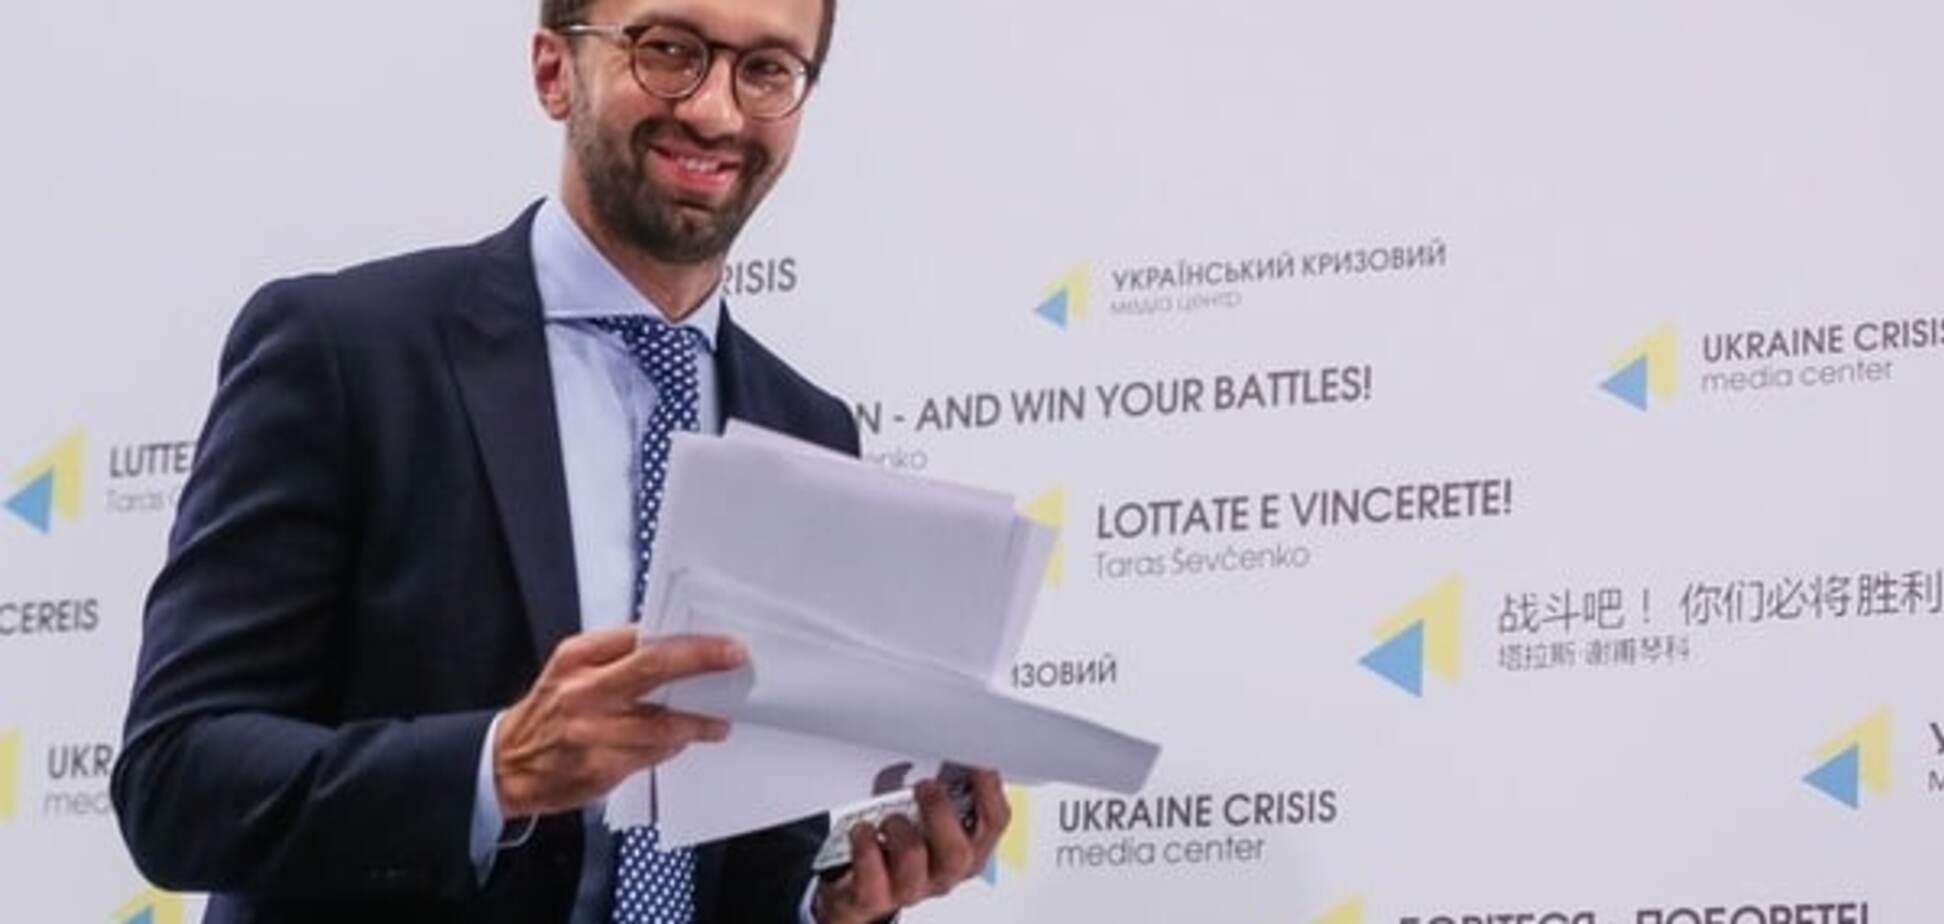 Лещенко купил огромную квартиру в центре Киева: опубликованы документы